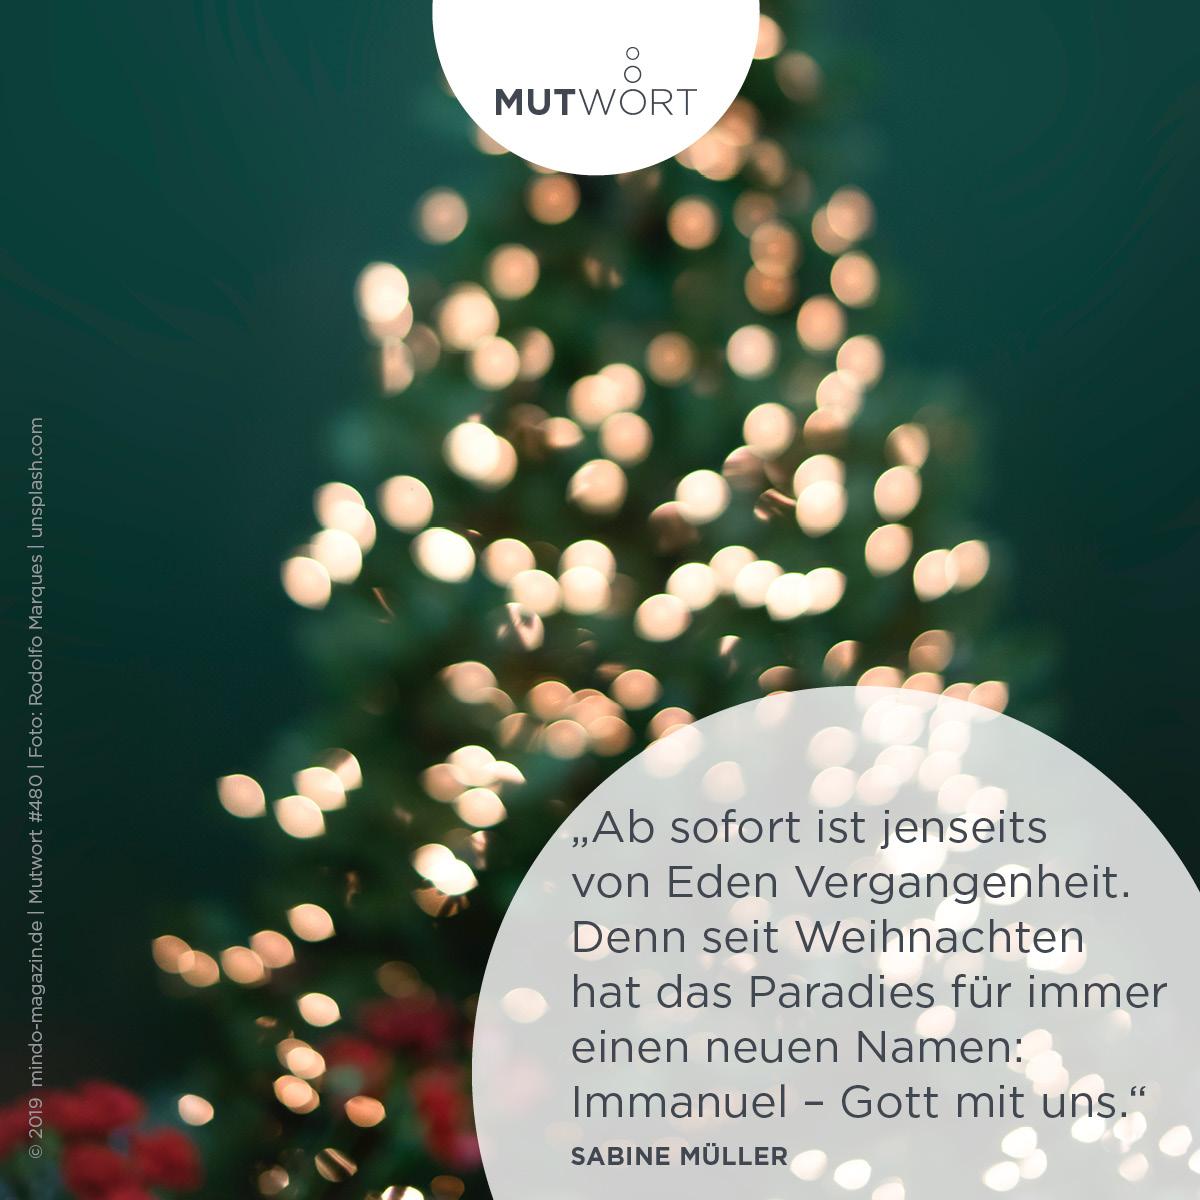 Ab sofort ist  jenseits von Eden Vergangenheit. Denn seit Weihnachten hat das Paradies für immer einen neuen Namen: Immanuel – Gott mit uns.  Sabine Müller